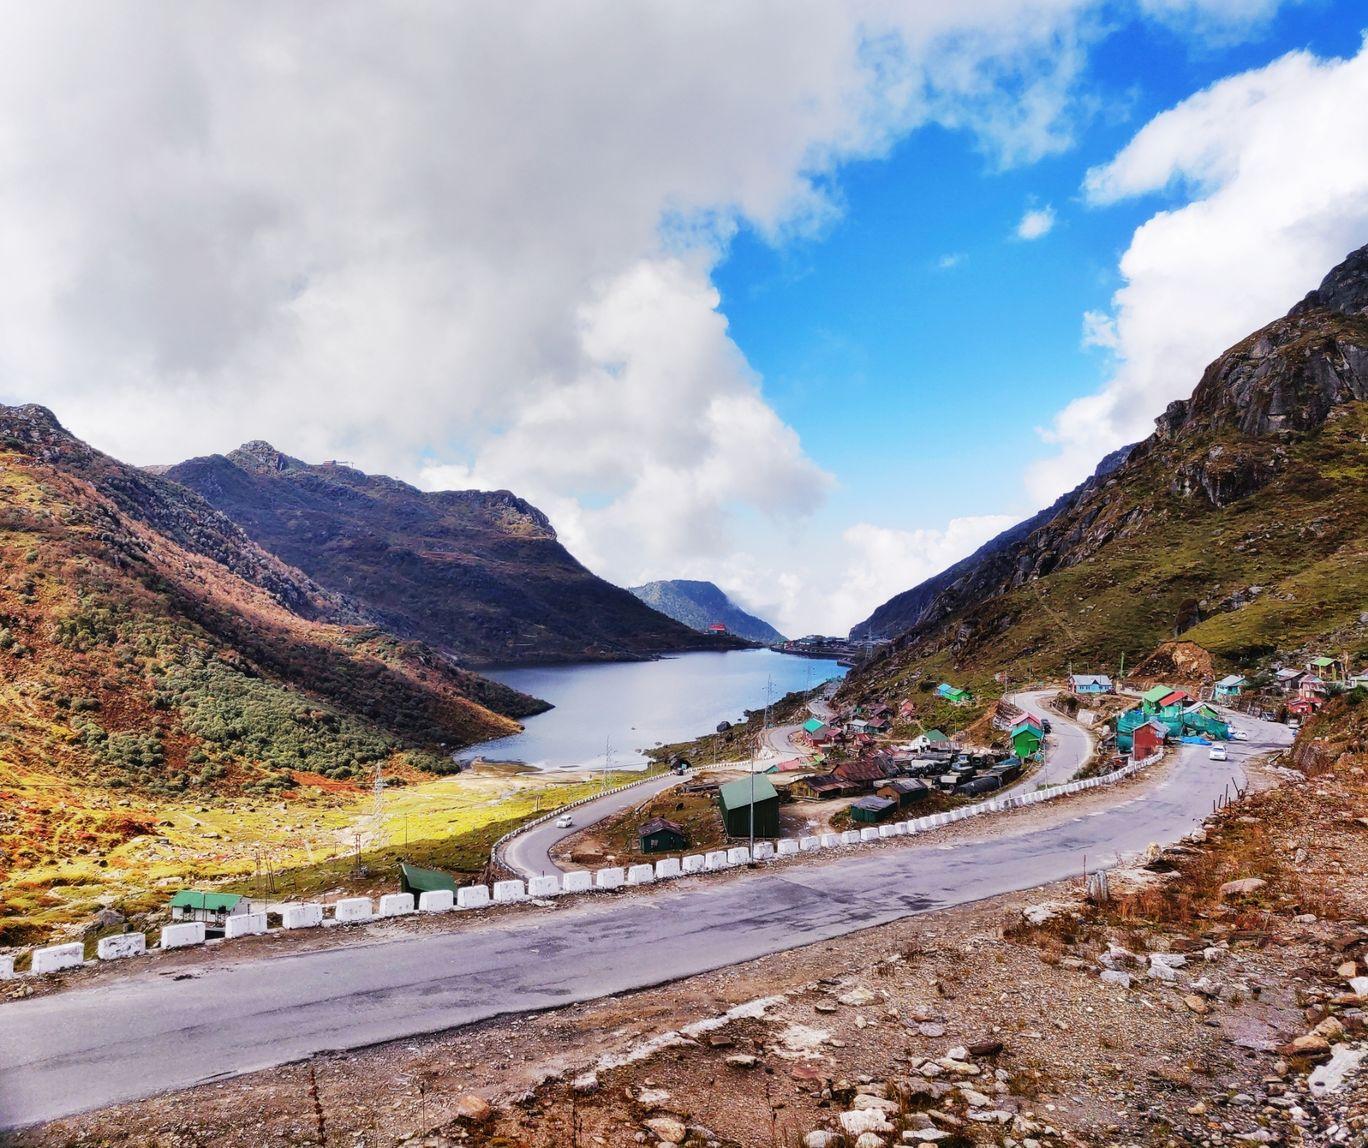 Photo of Tsomgo Lake By Vaibhav Jagtap